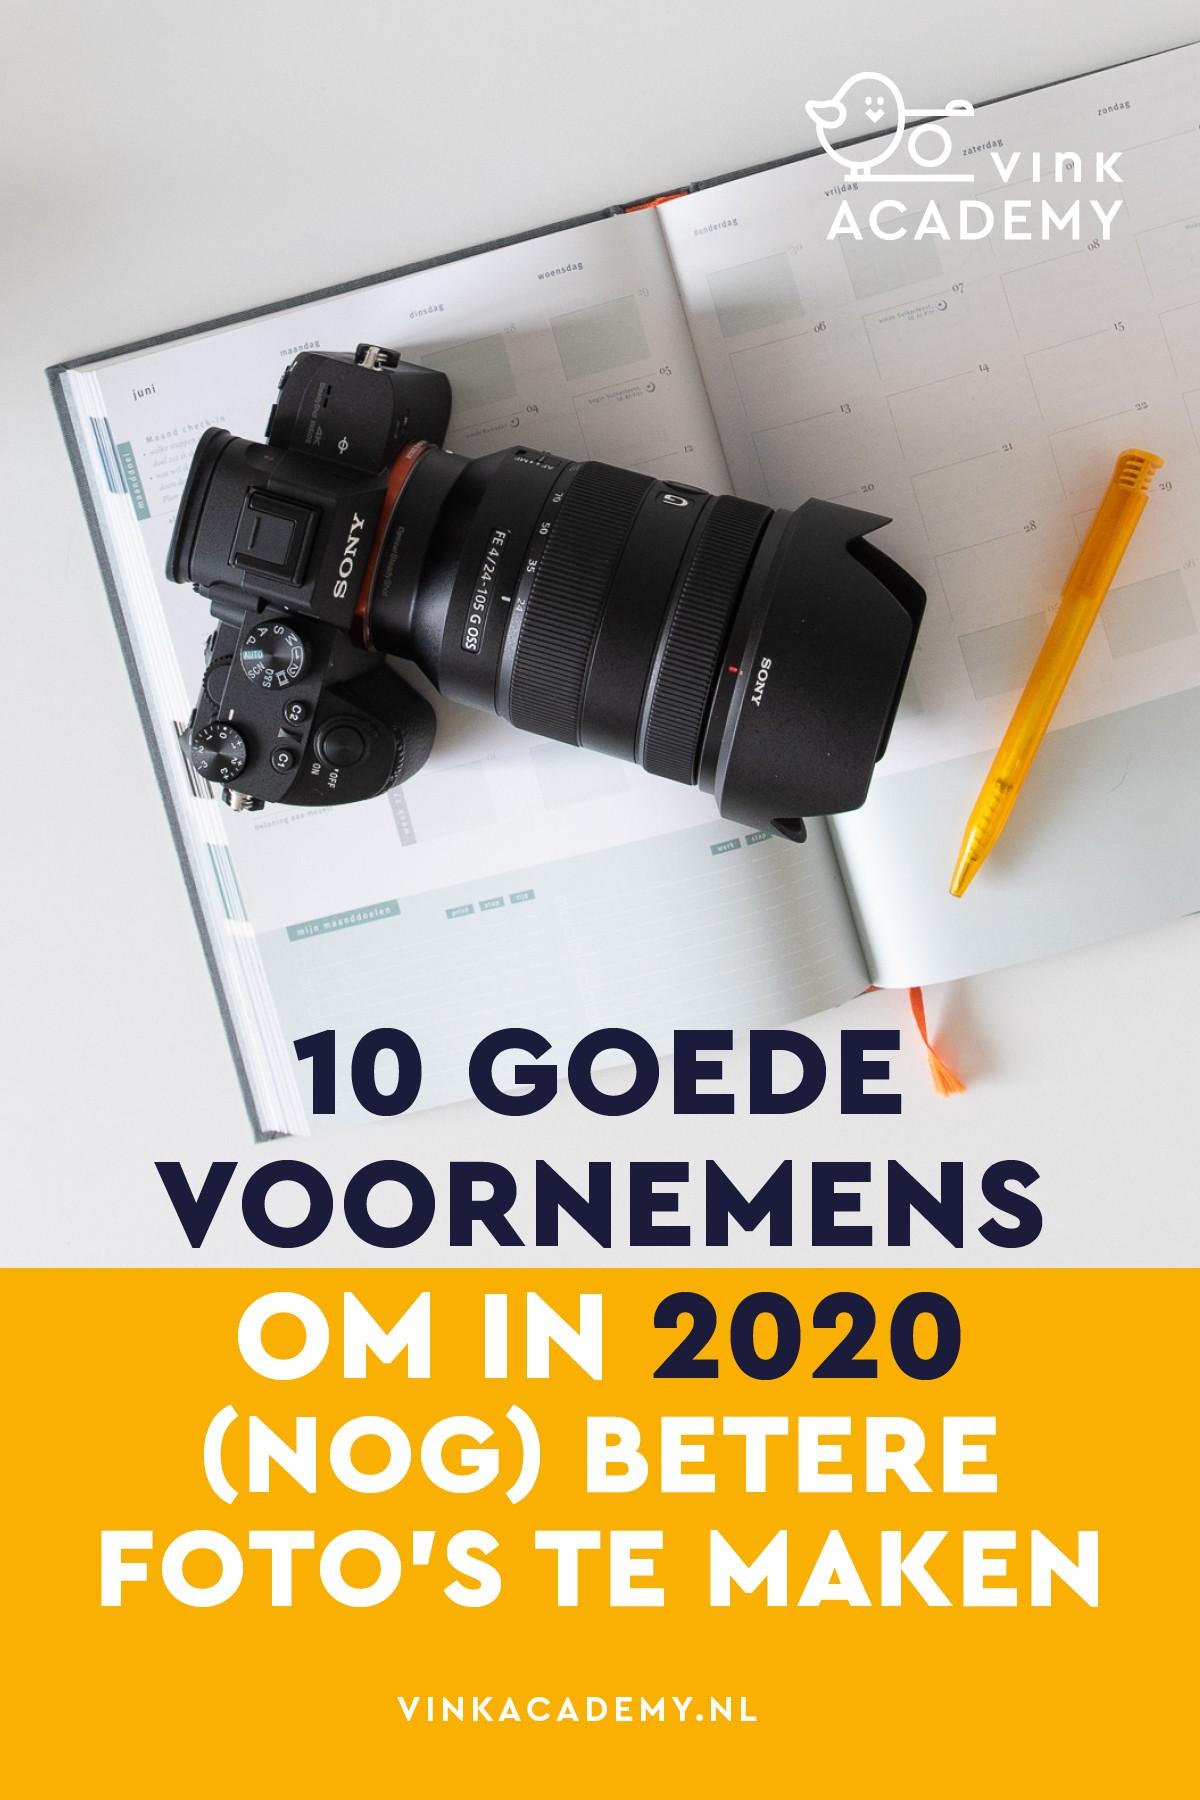 Verbeter jouw fotografie met goede voornemens